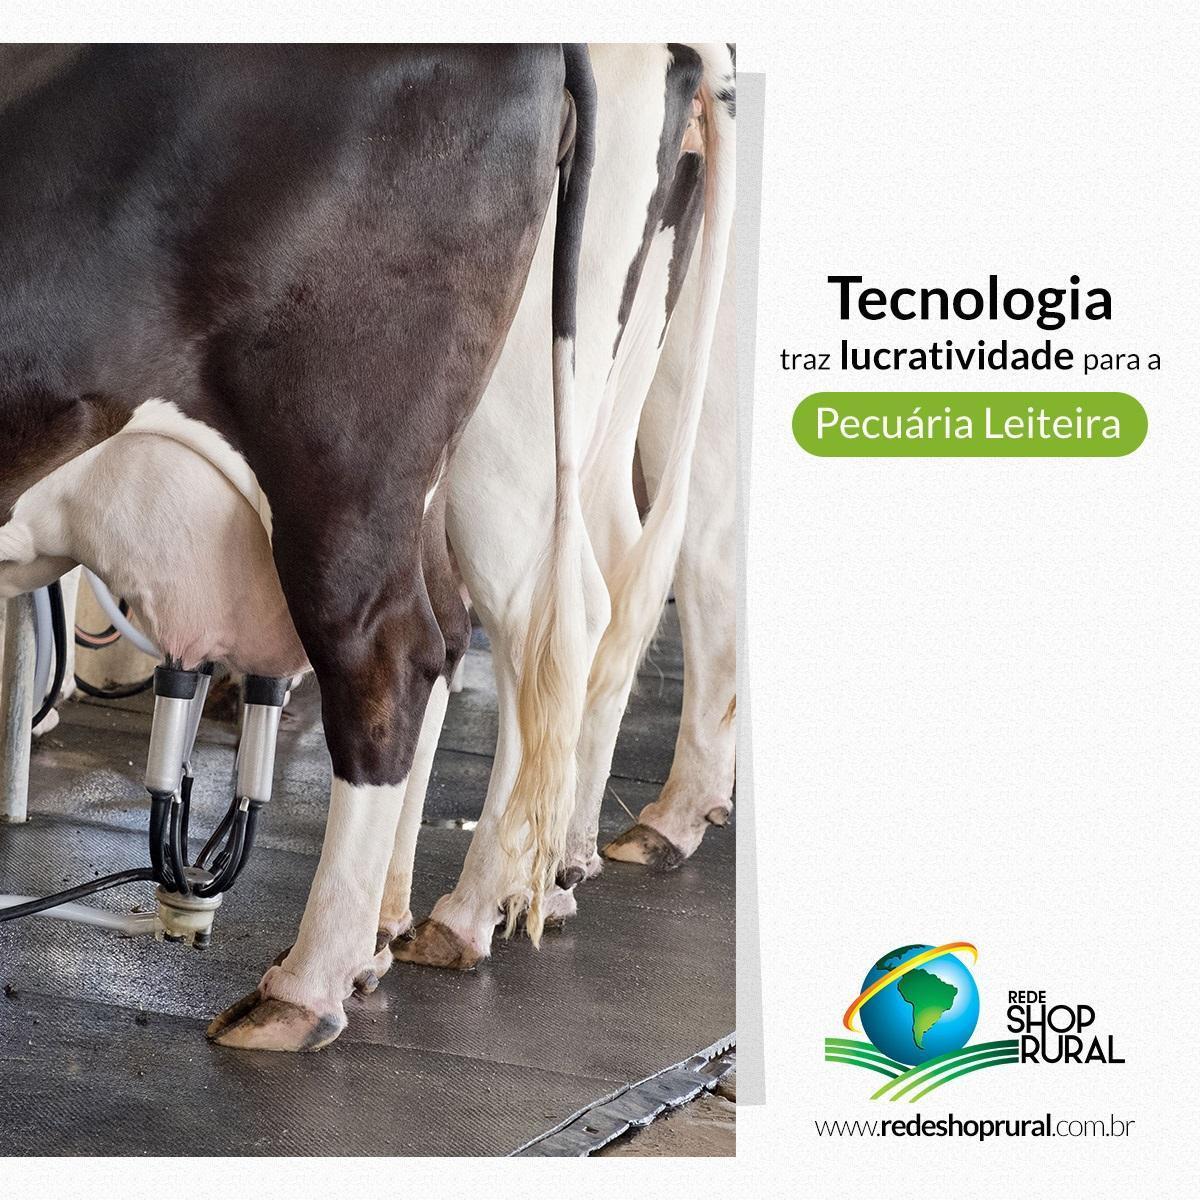 Tecnologia traz lucratividade para a pecuária leiteira